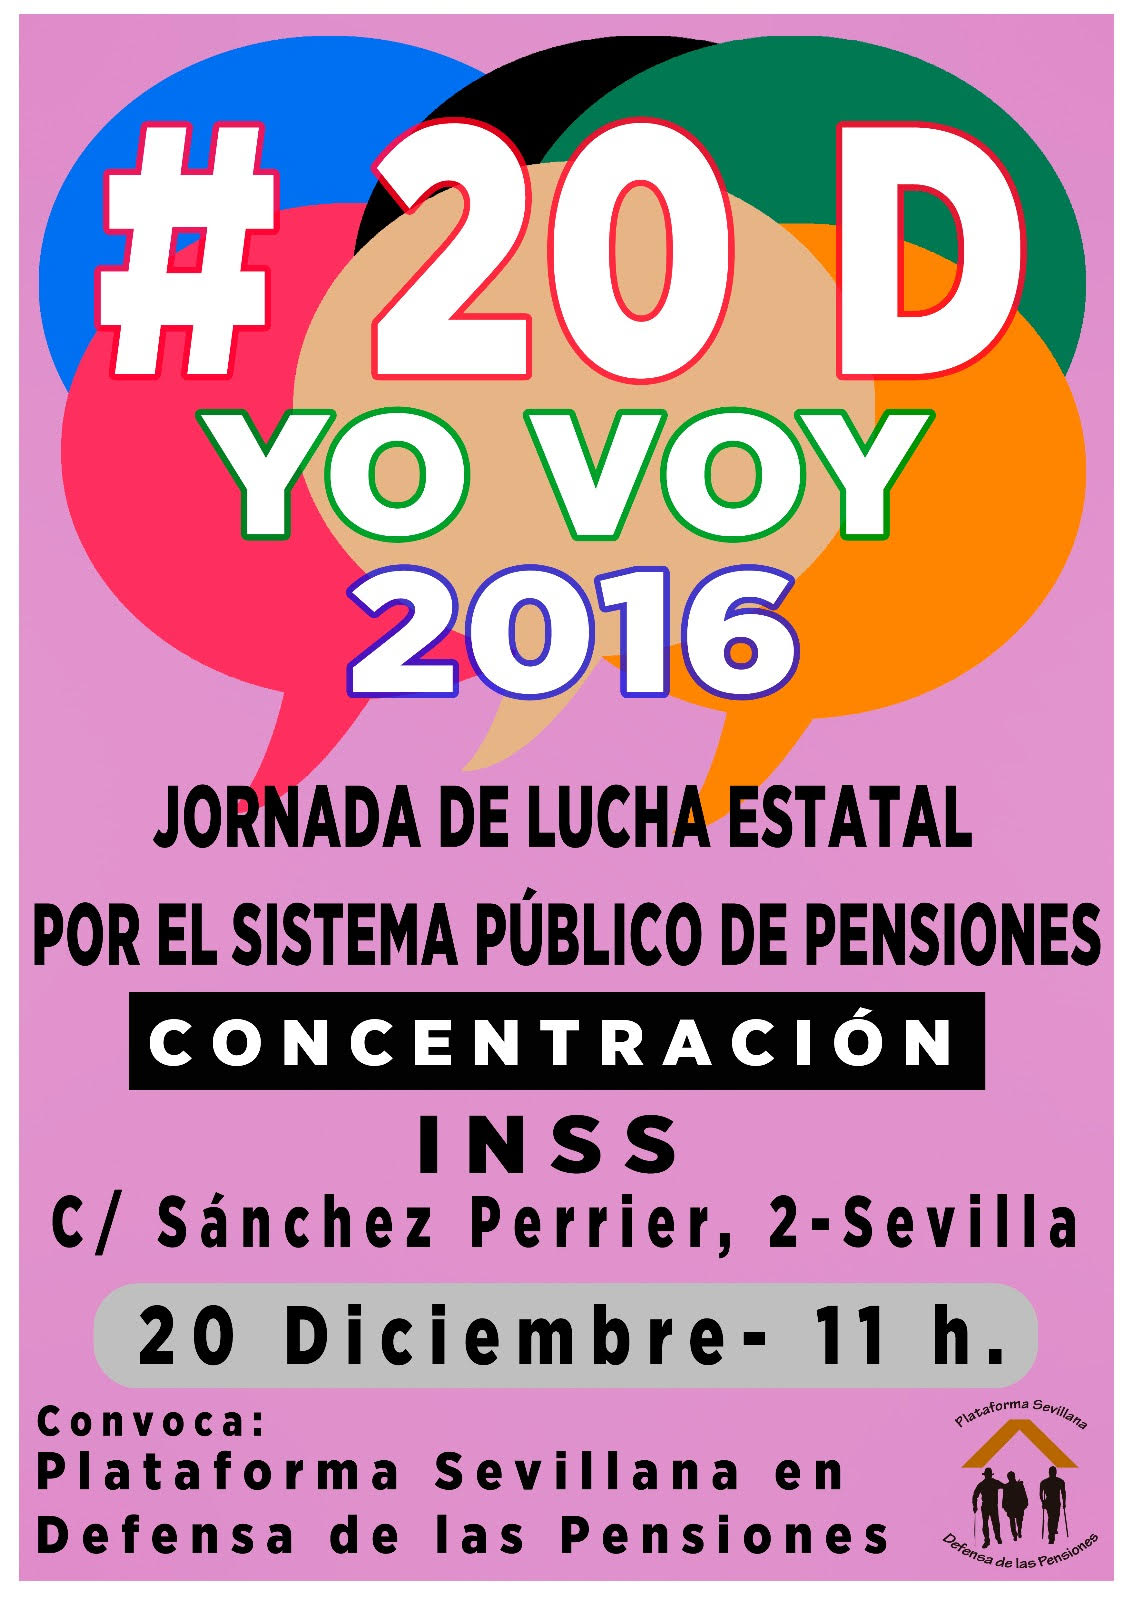 JORNADA DE LUCHA ESTATAL POR EL SISTEMA PÚBLICO DE PENSIONES